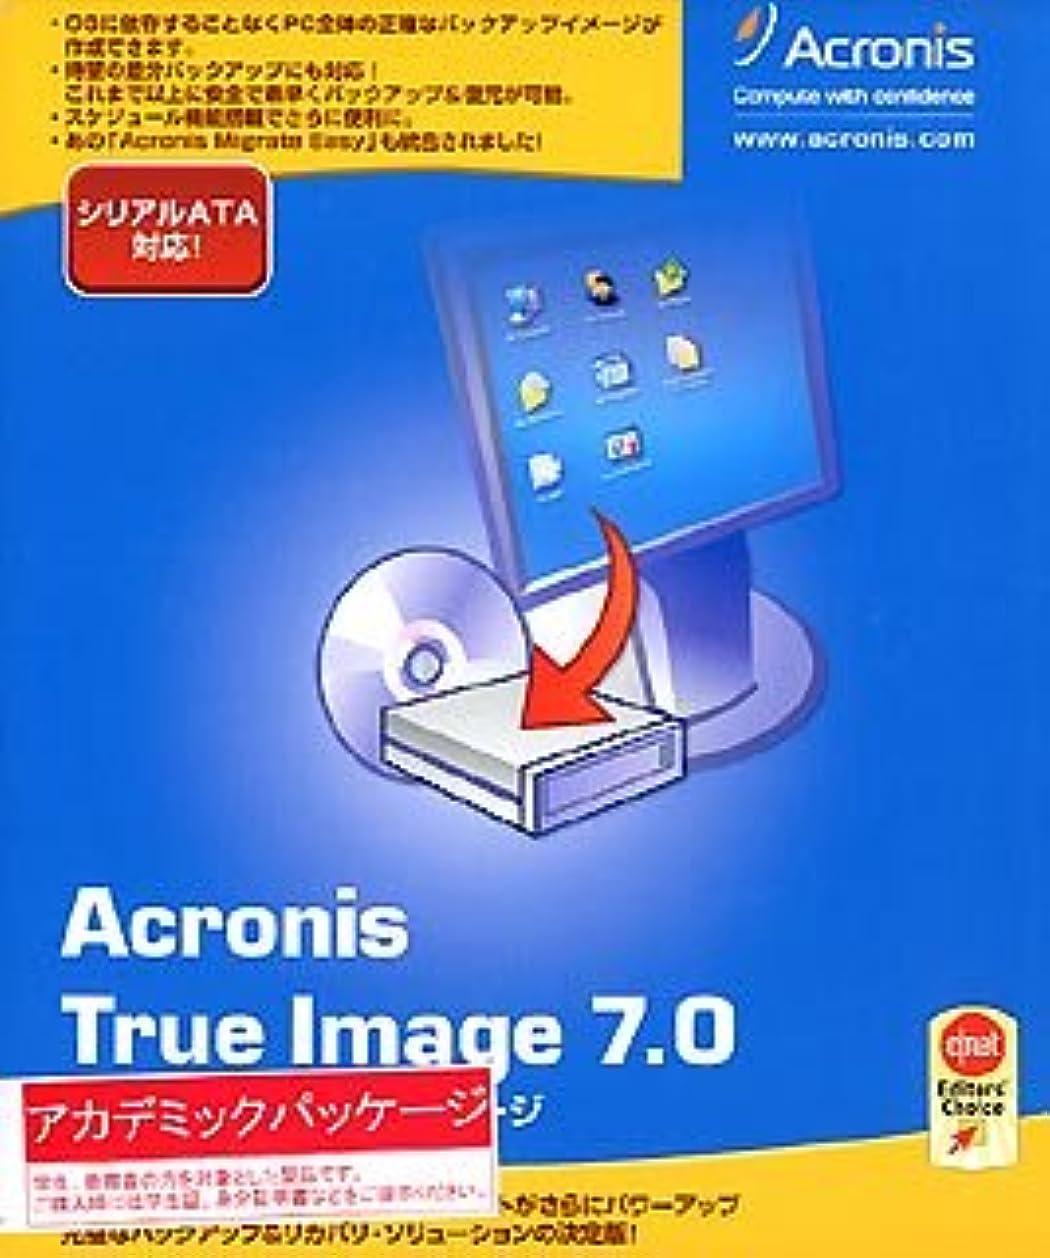 ちなみに勘違いする思春期Acronis TrueImage 7.0 アカデミックパッケージ